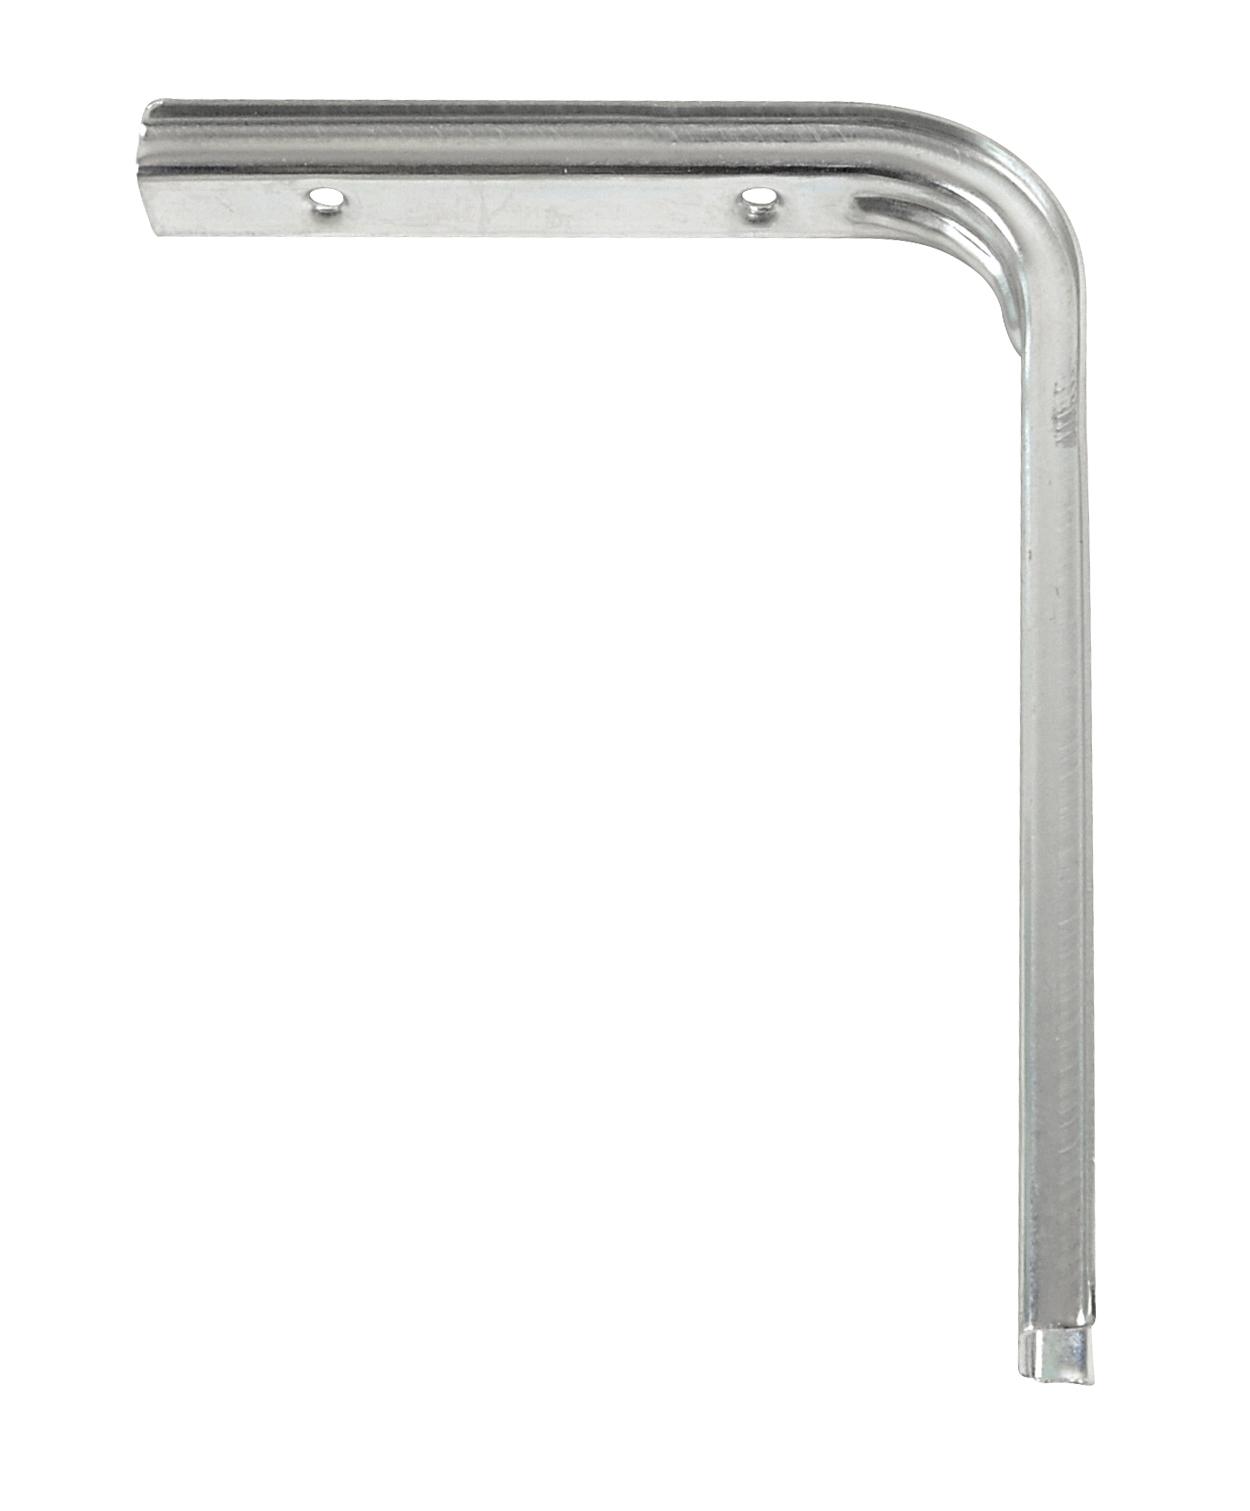 Hyldeknægt U-profil 150x200 mm. - el-galvaniseret